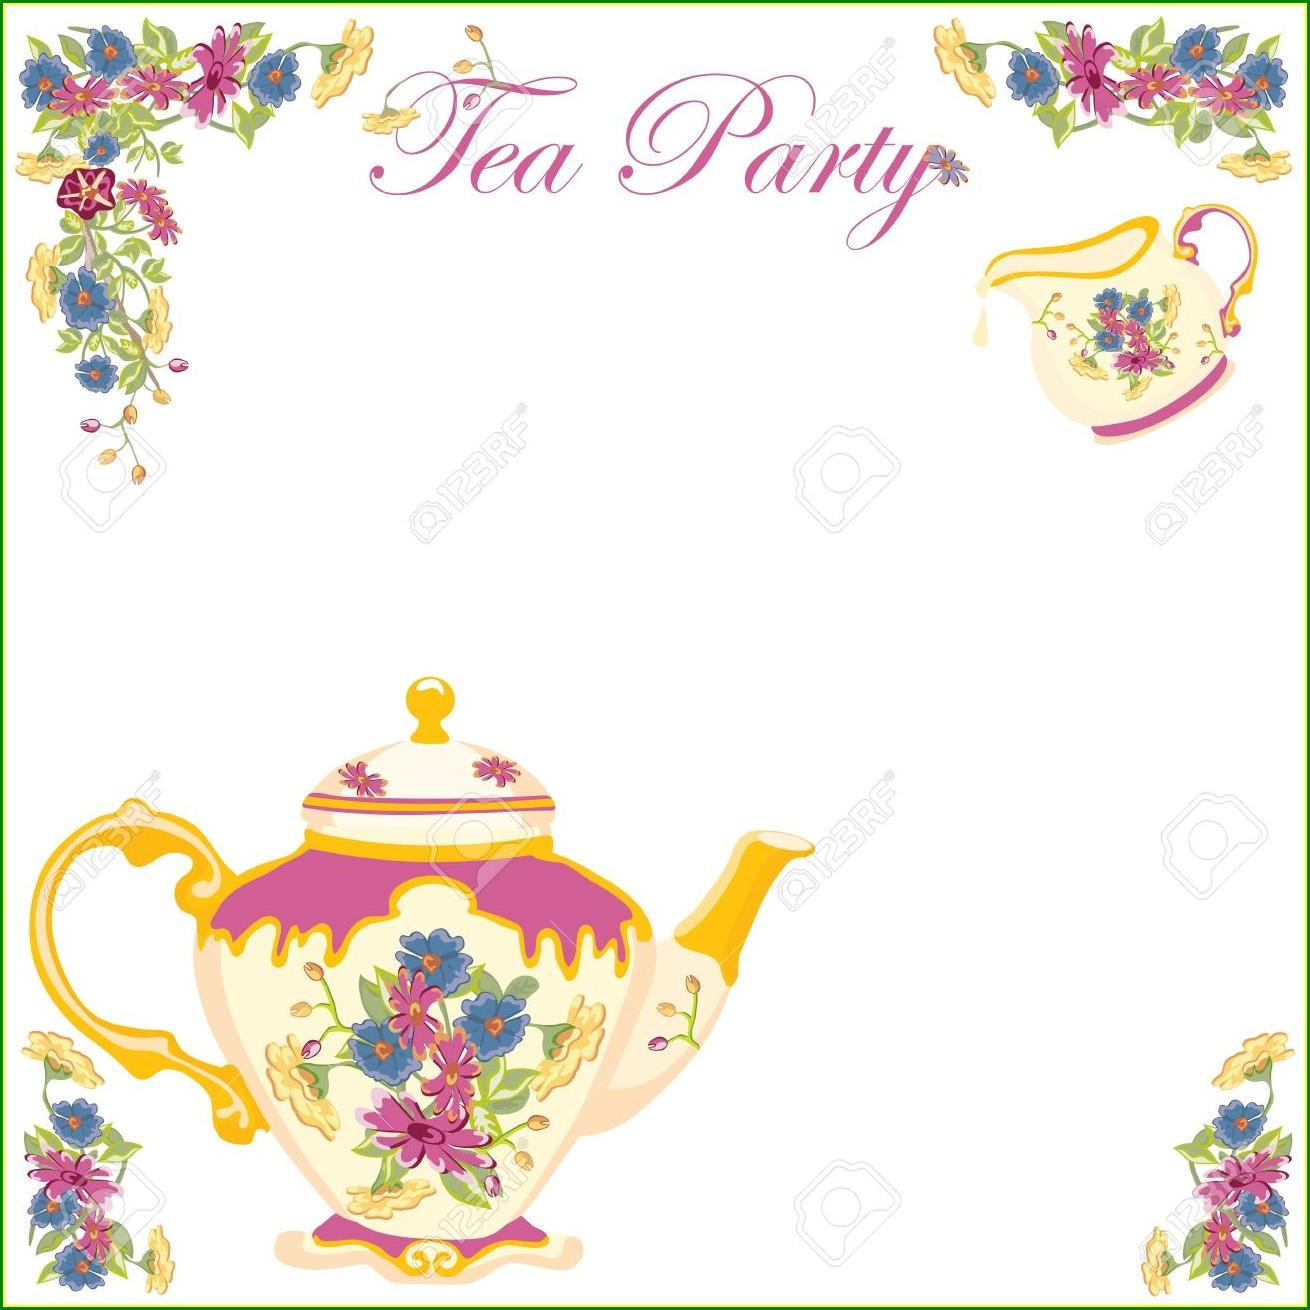 Teacup Invitation Template Free